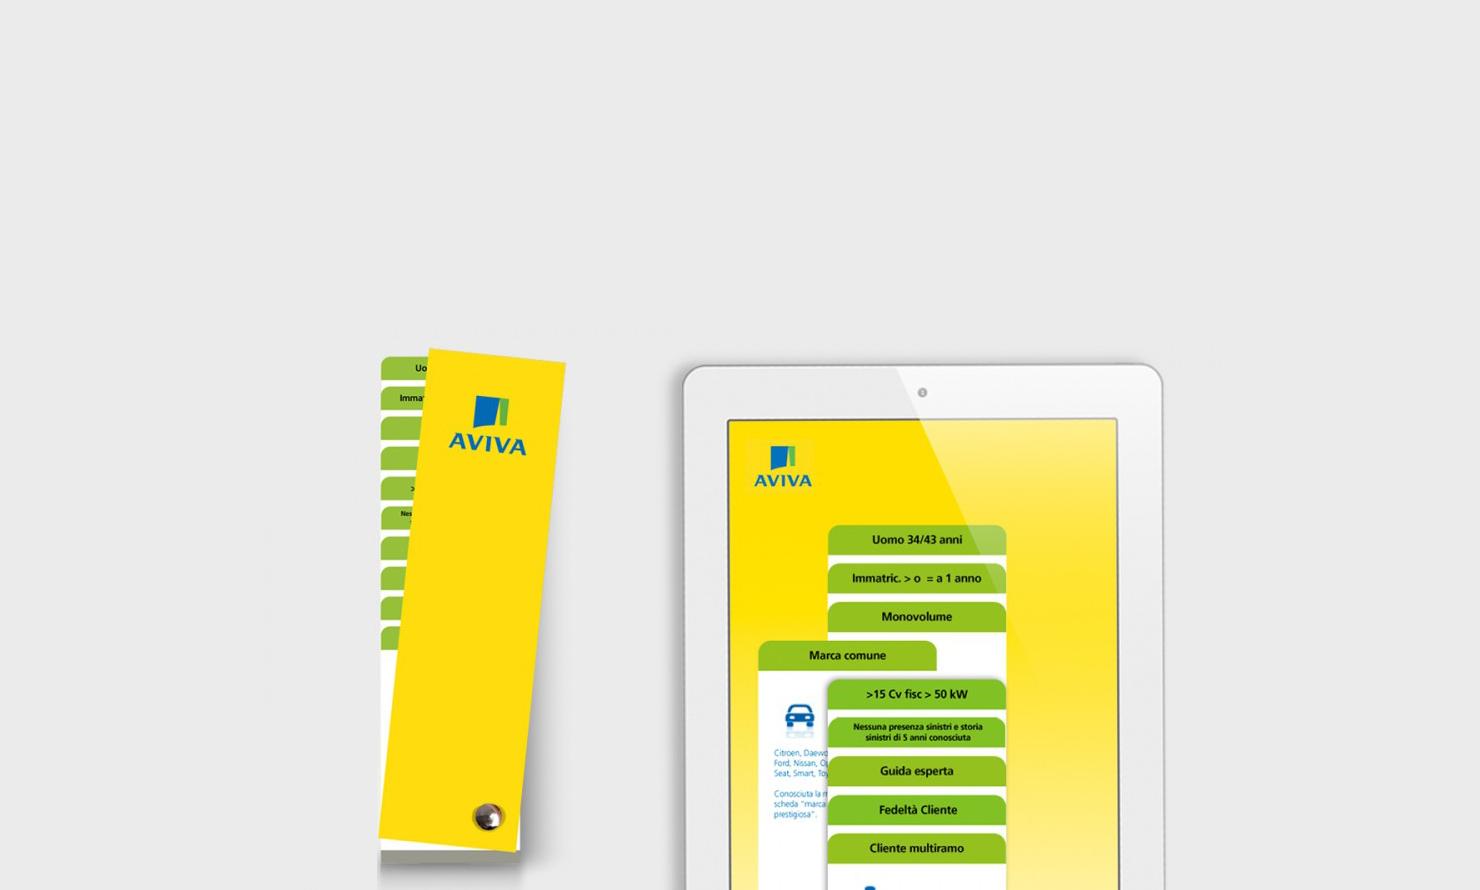 https://www.kubelibre.com/uploads/Slider-work-tutti-clienti/aviva-kit-agenti-il-libro-dei-cinque-anelli-5.jpg